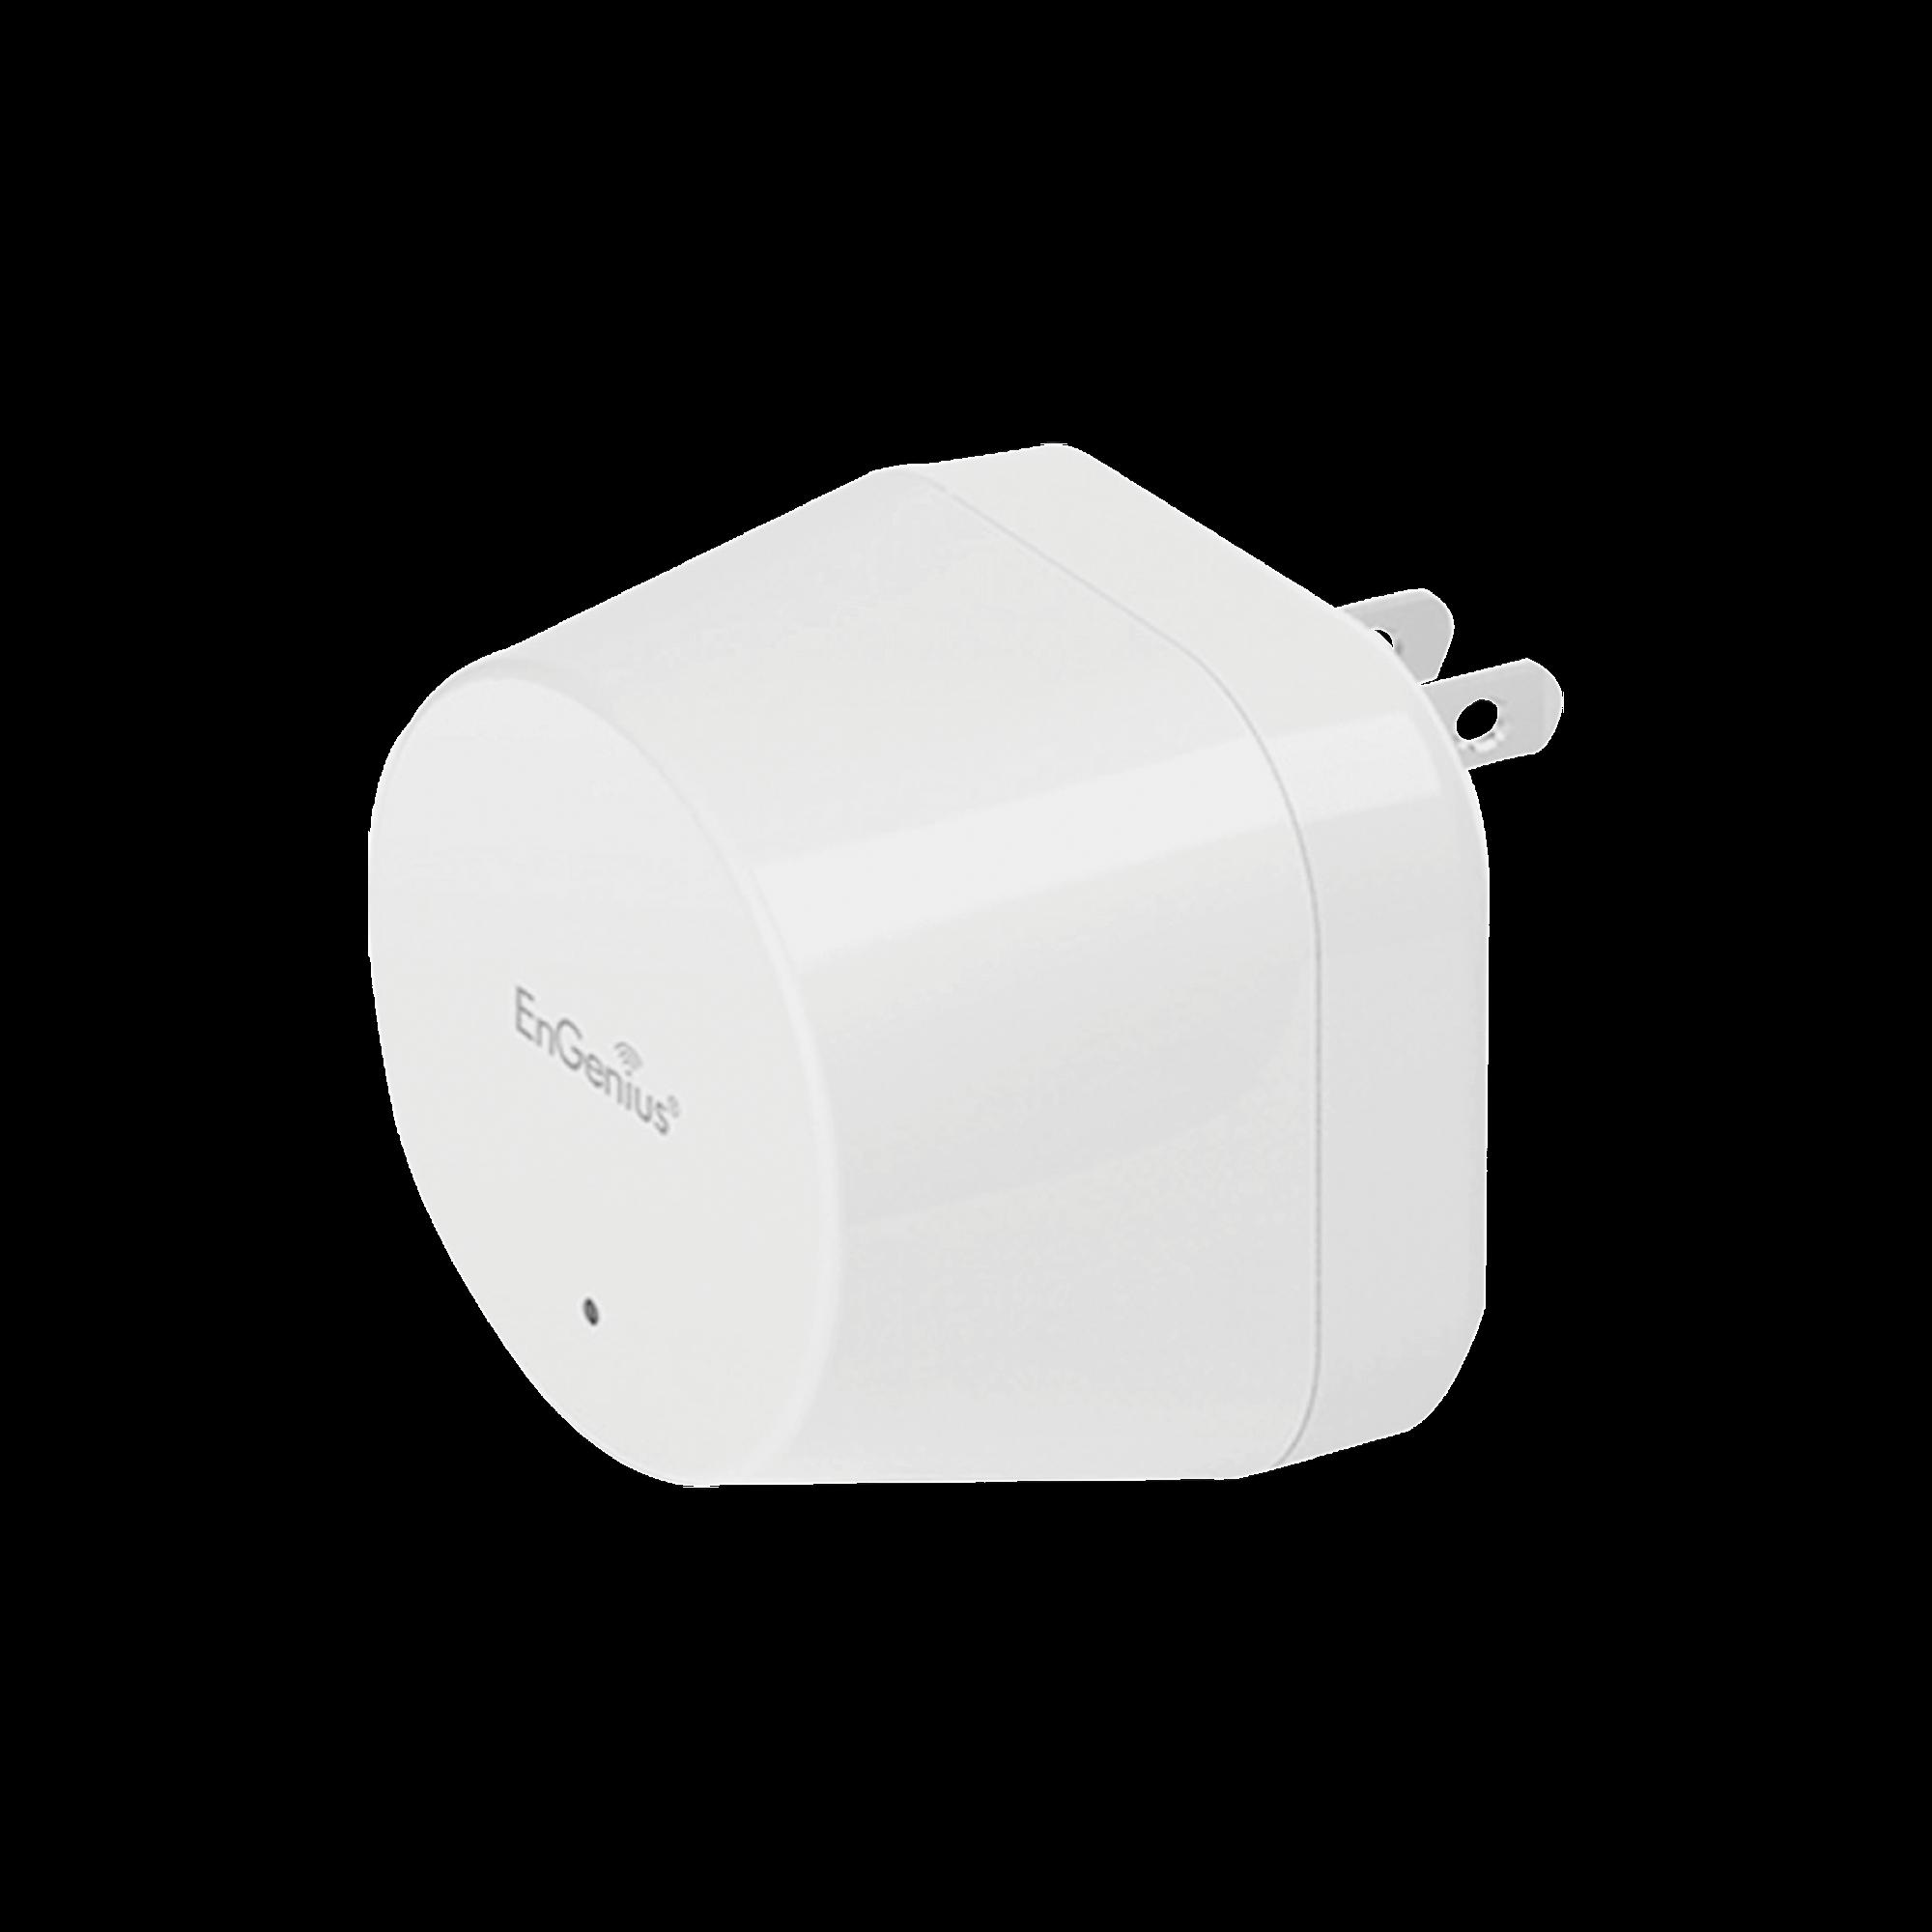 Punto de Acceso Wi-Fi Mesh para pared, Doble Banda Simultanea MU-MIMO 2x2 Wave 2, Hasta 1267 Mbps, 200+ Clientes Simultáneos, Configuración Movil o administrado por Controlador.